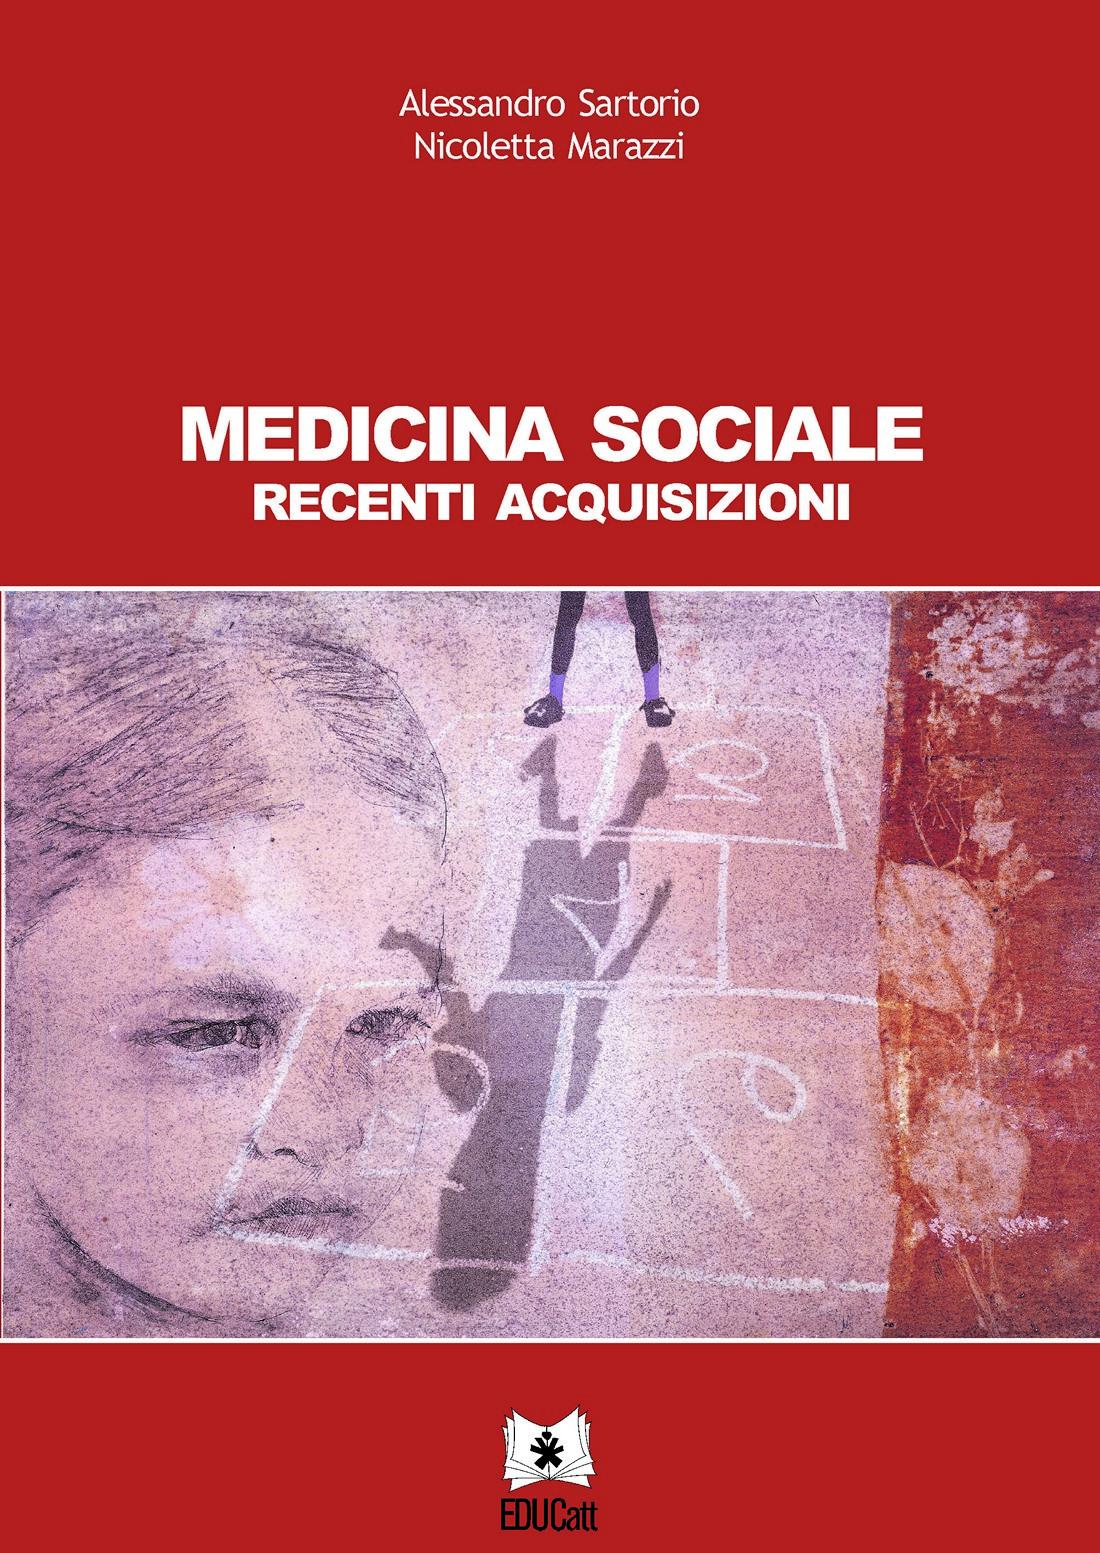 MEDICINA SOCIALE. RECENTI ACQUISIZIONI